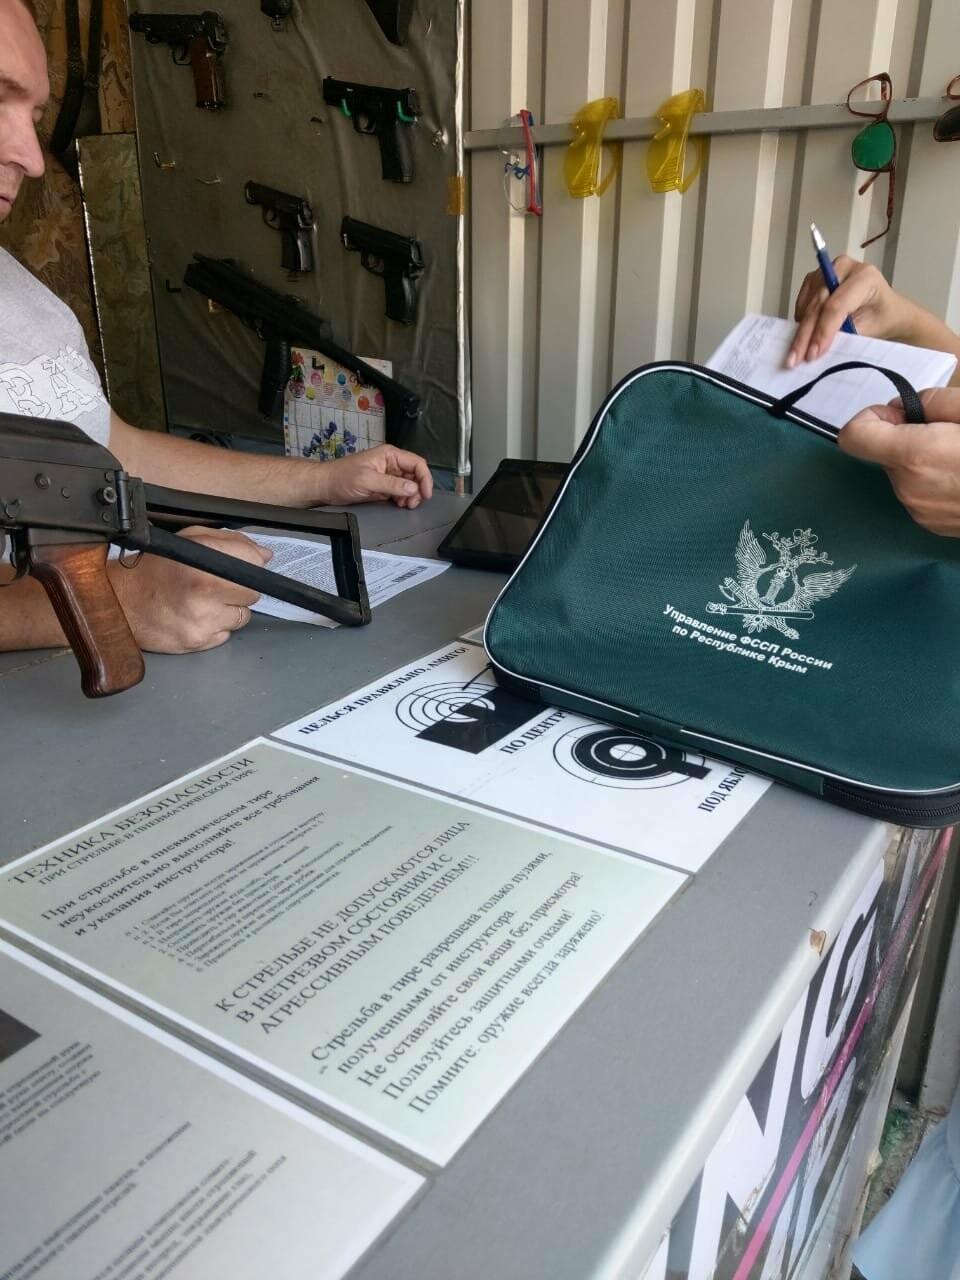 В Ялте за неуплату налогов арестовали автомобиль и кассовые аппараты , фото-2